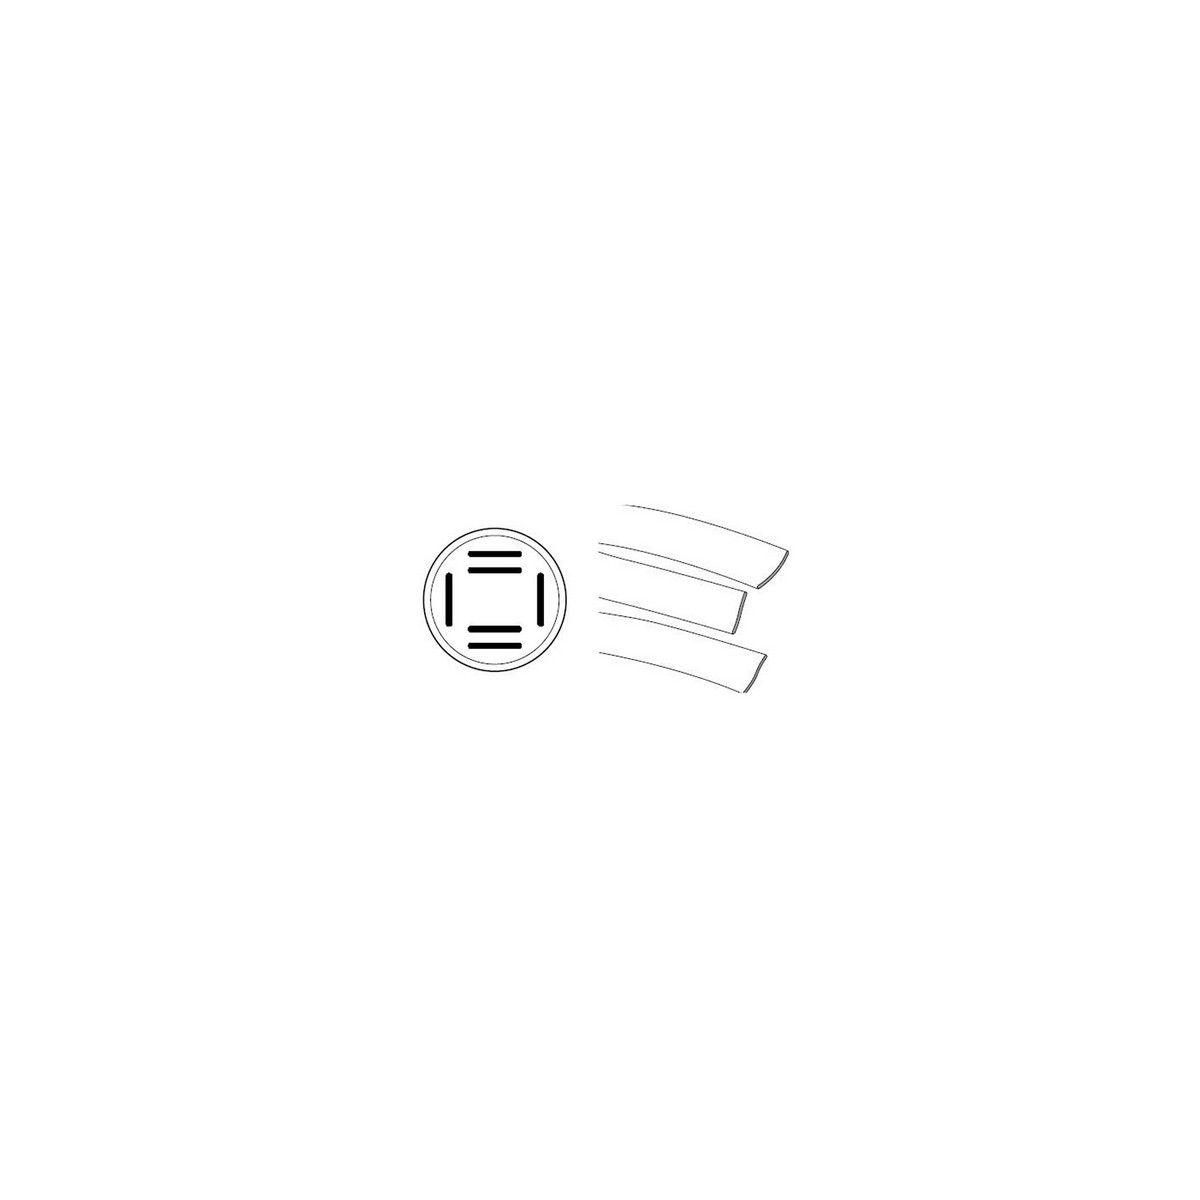 Filière KENWOOD AT910 007 Filière pour Pappardelle